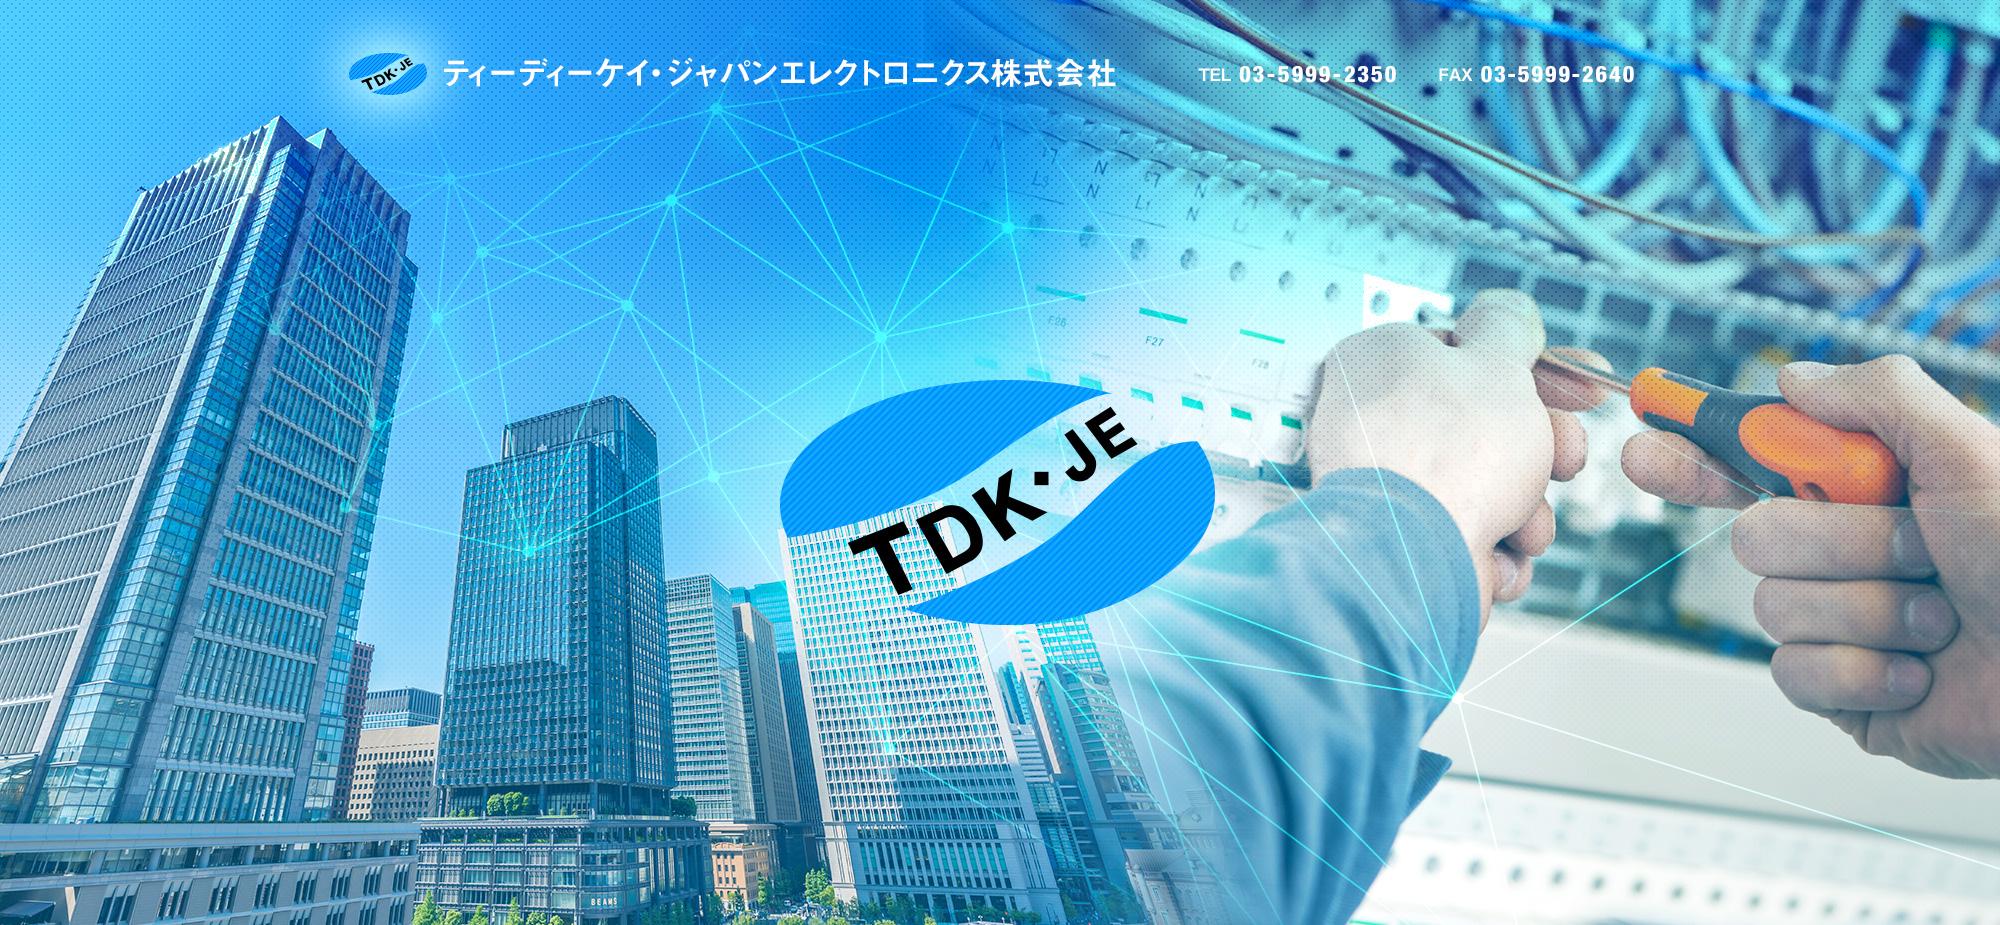 ティーディーケイジャパンエレクトロニクス株式会社